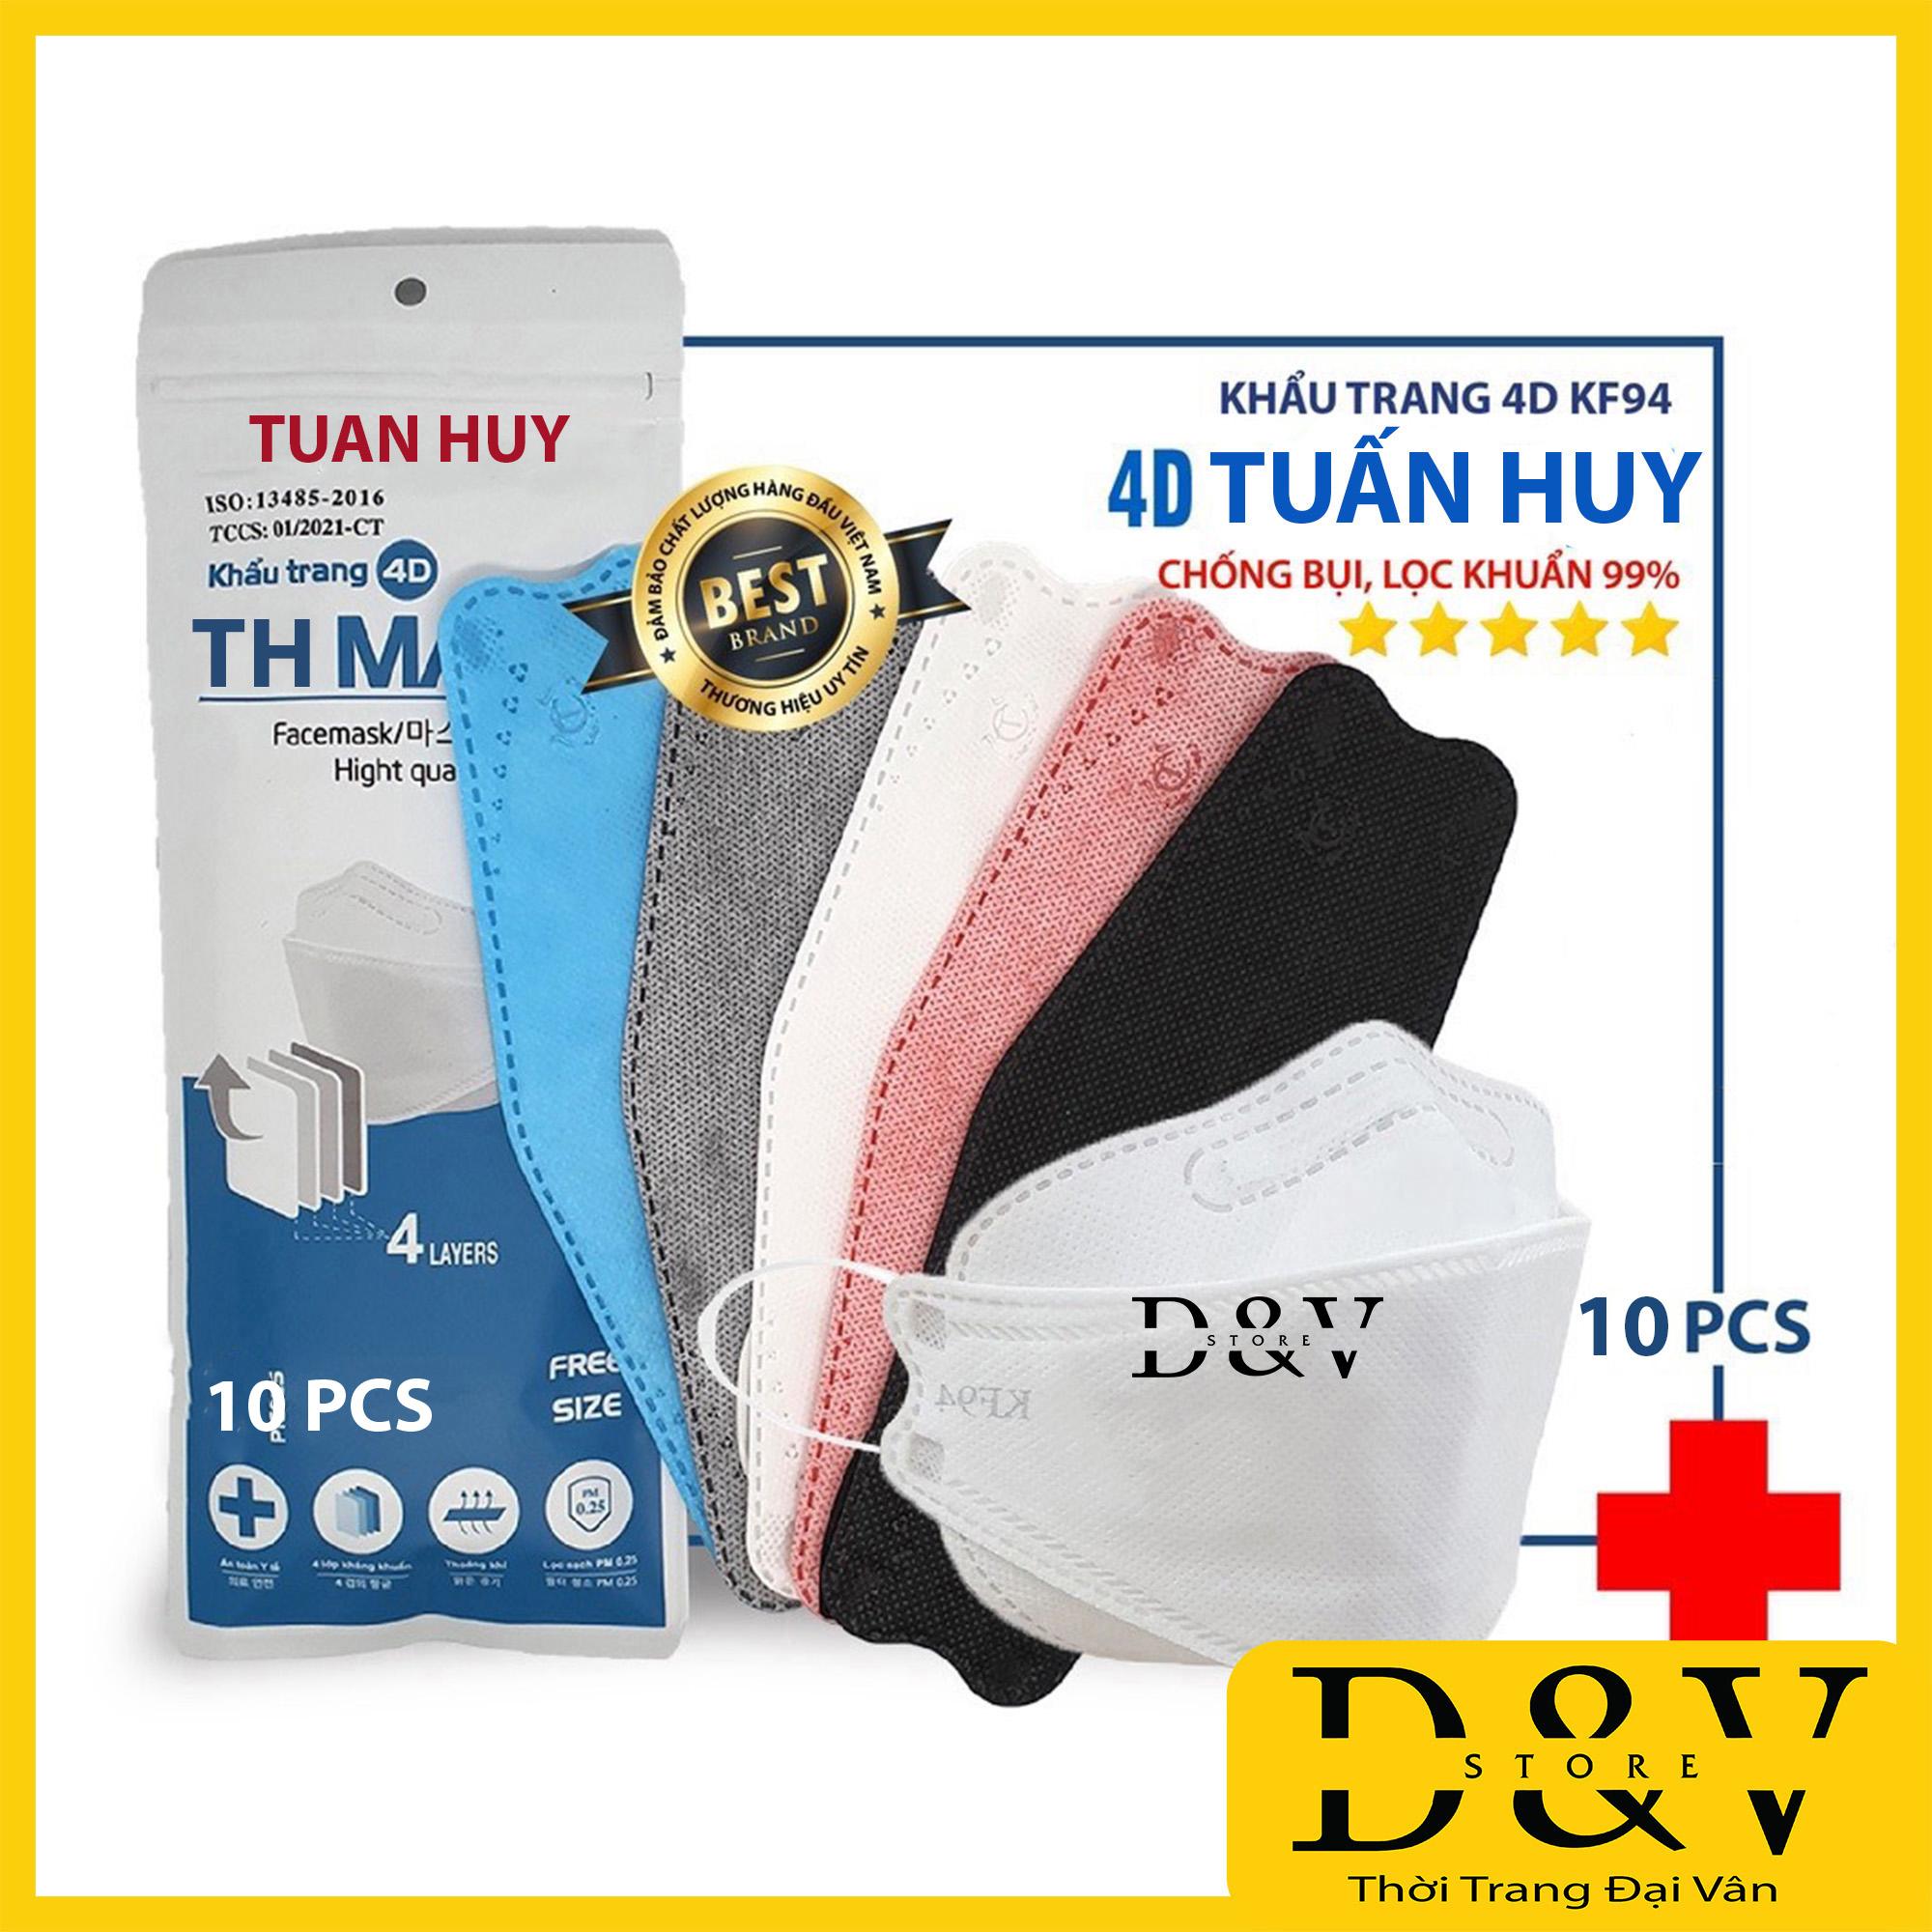 [Gói 10 cái] Khẩu trang y tế 4D Mask KF94 kiểu Hàn Quốc 4 lớp  kháng khuẩn, kháng bụi mịn lên đến 95%, đạt tiêu chuẩn ISO khẩu trang y tế, khẩu trang 3d mask, khẩu trang 3d land mask